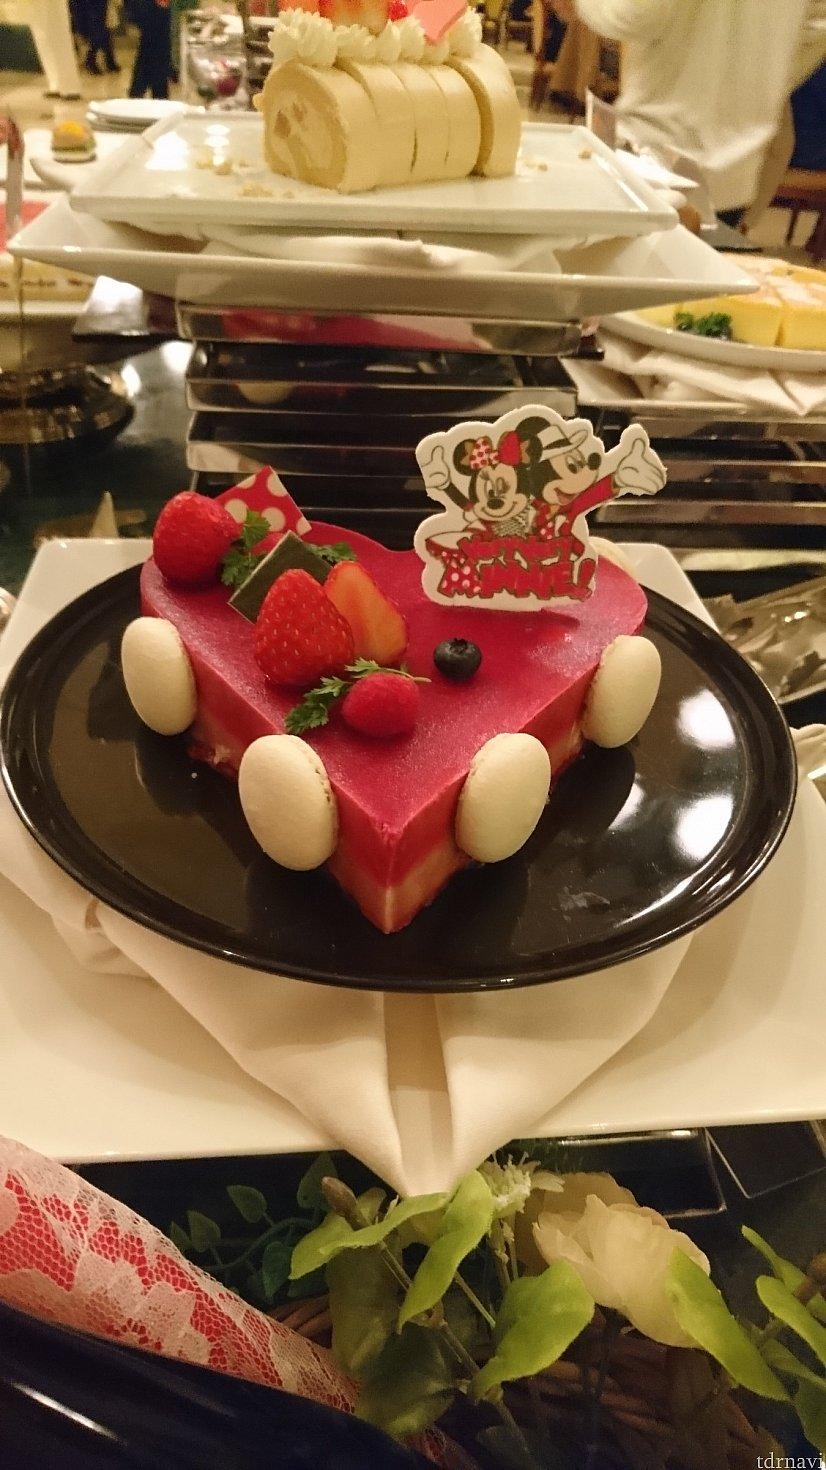 大人気のデザートです!<br> ラズベリーとホワイトチョコレートのムースでした!